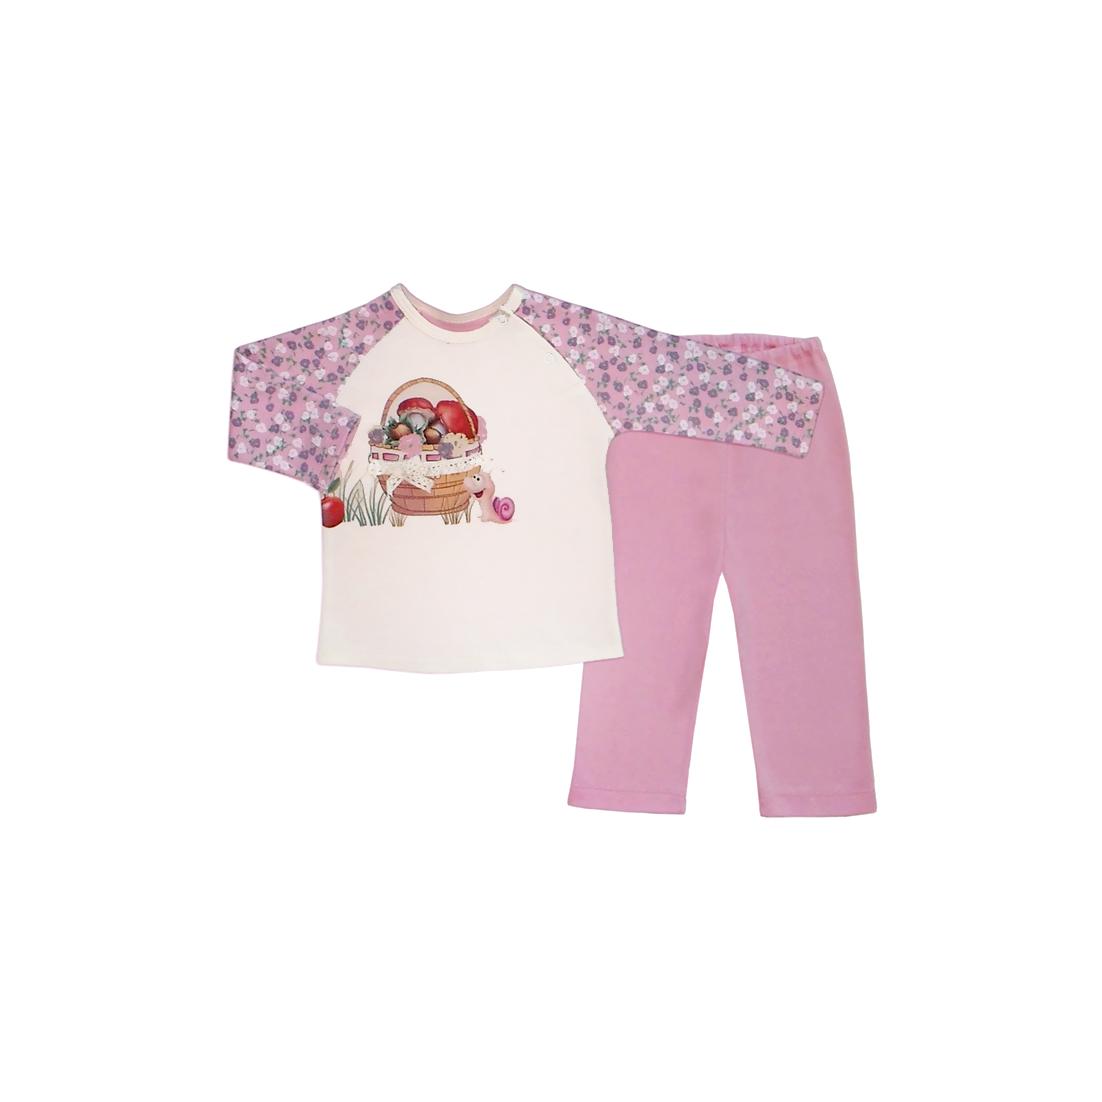 Комплект ясельный Бимоша: кофточка+ползунки, цвет молоко/розовый (146053) 6-9 мес.